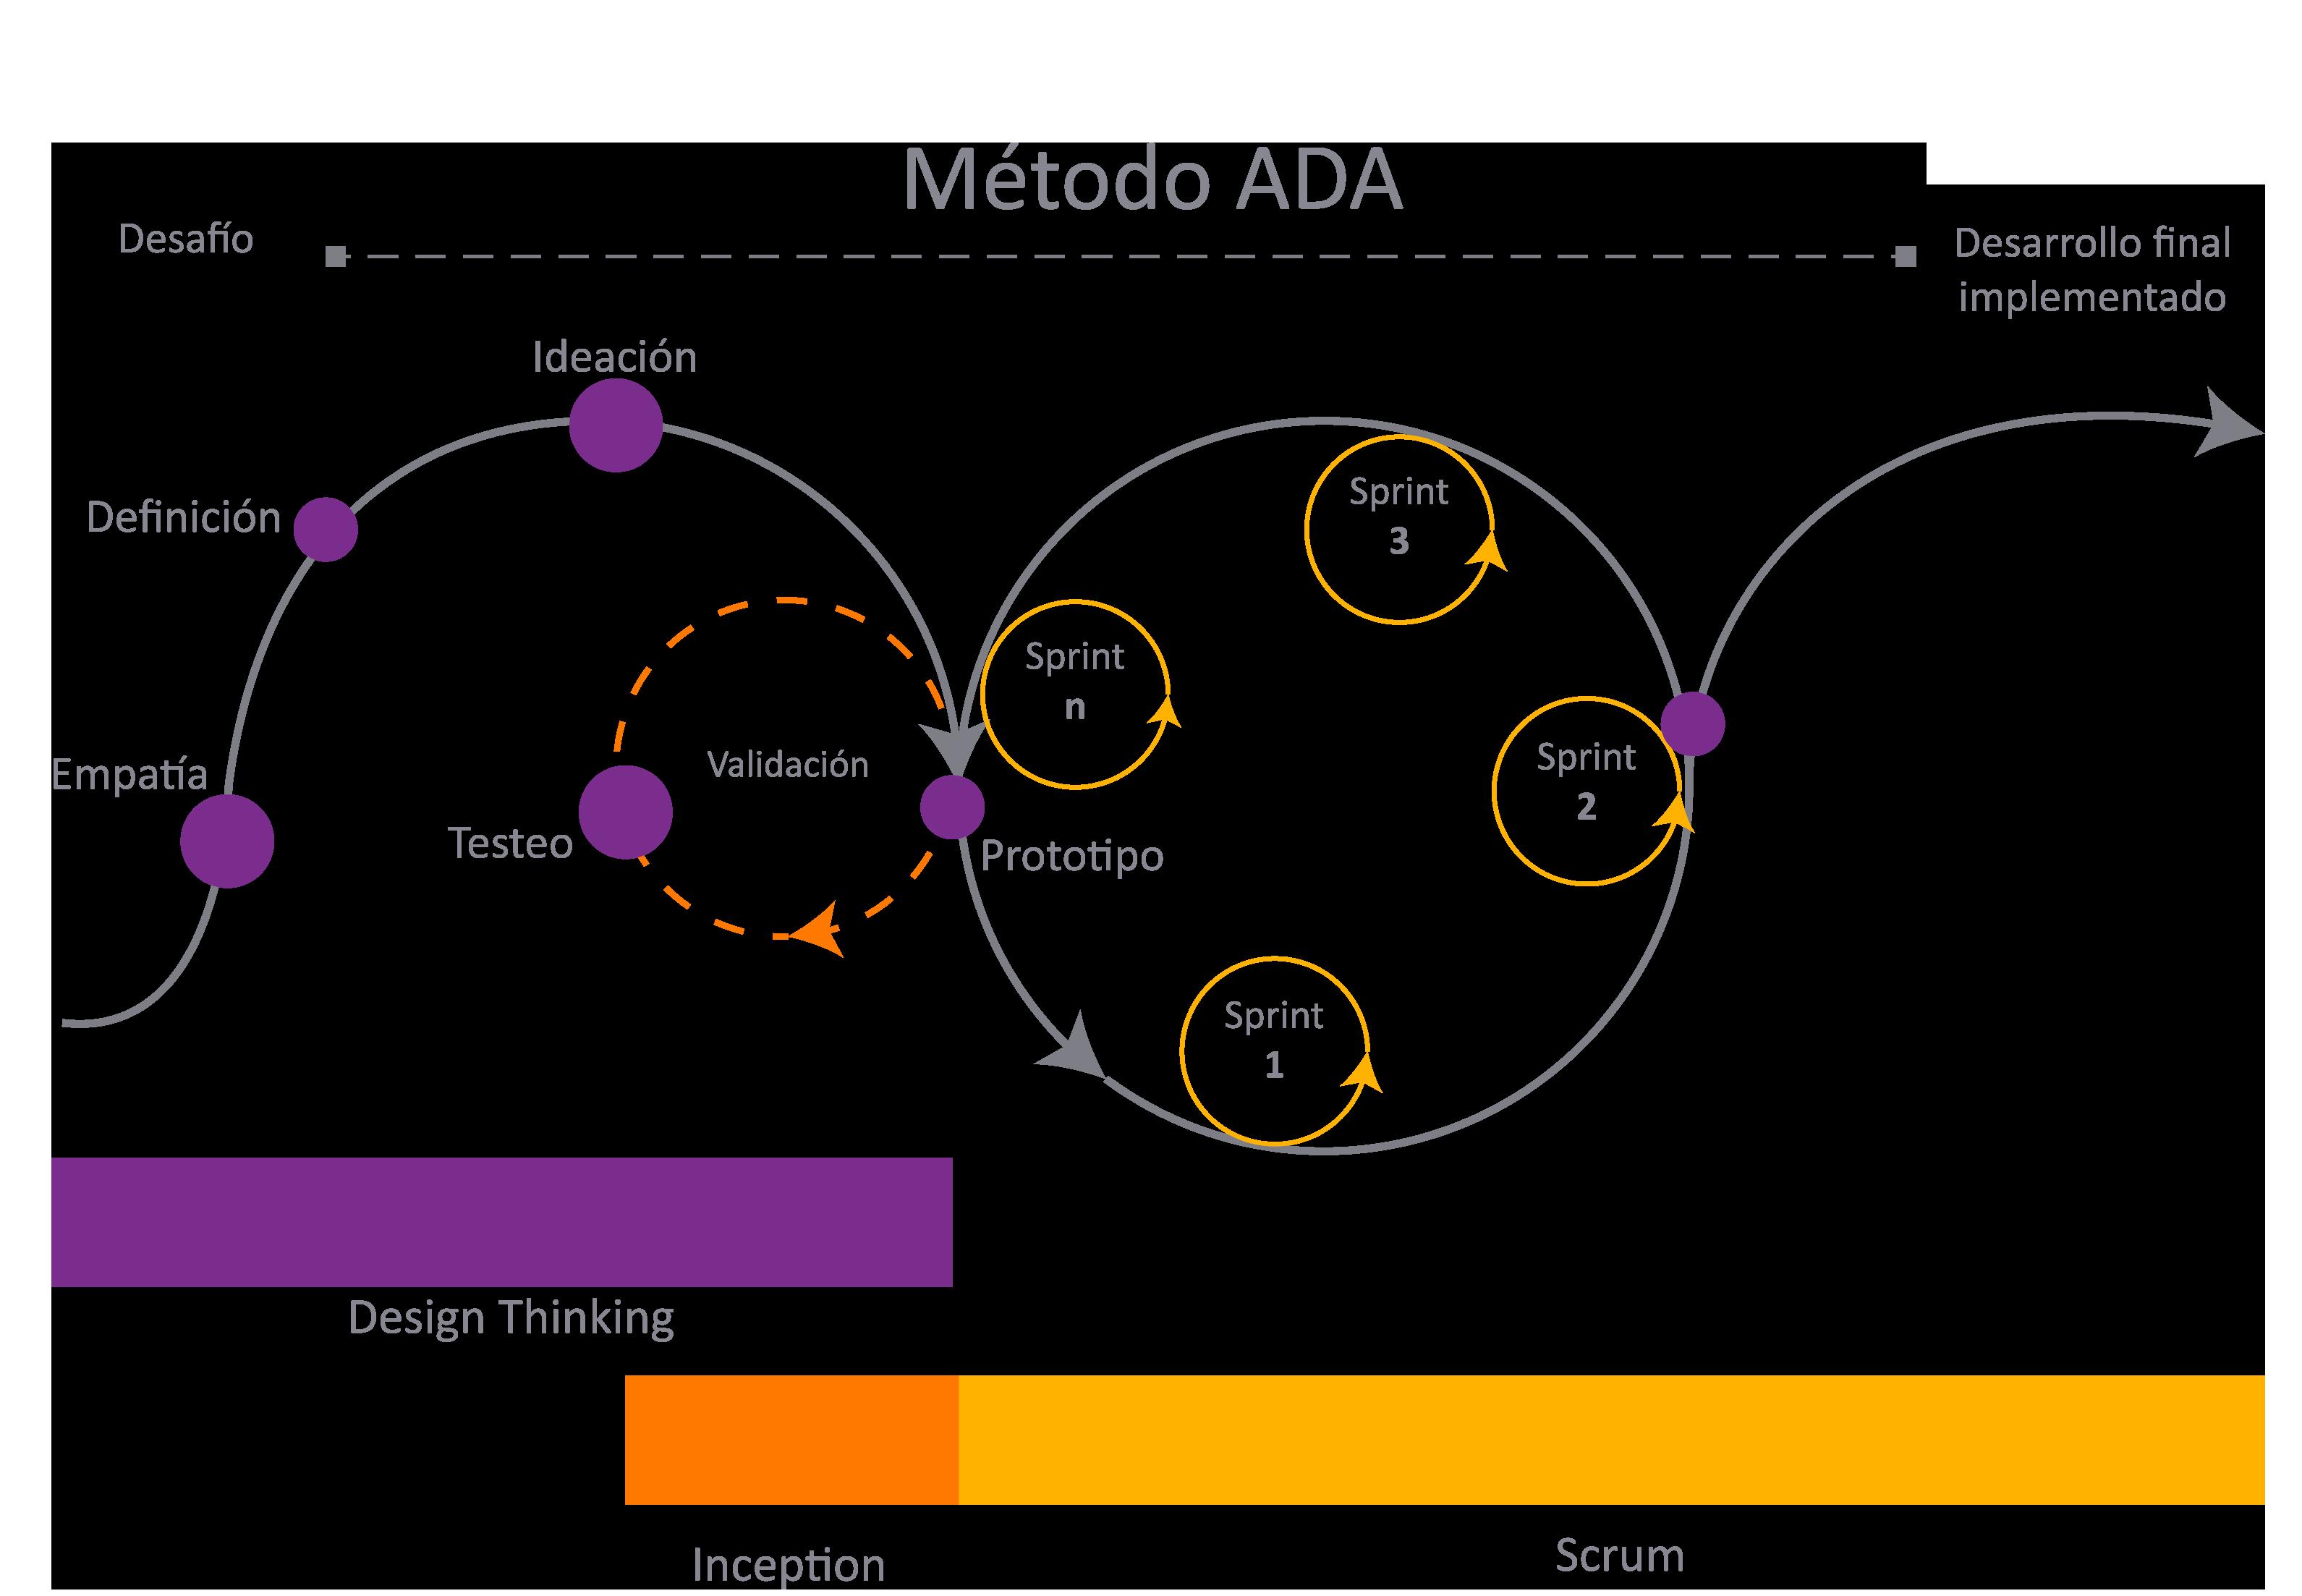 Infografia Metodo ADA